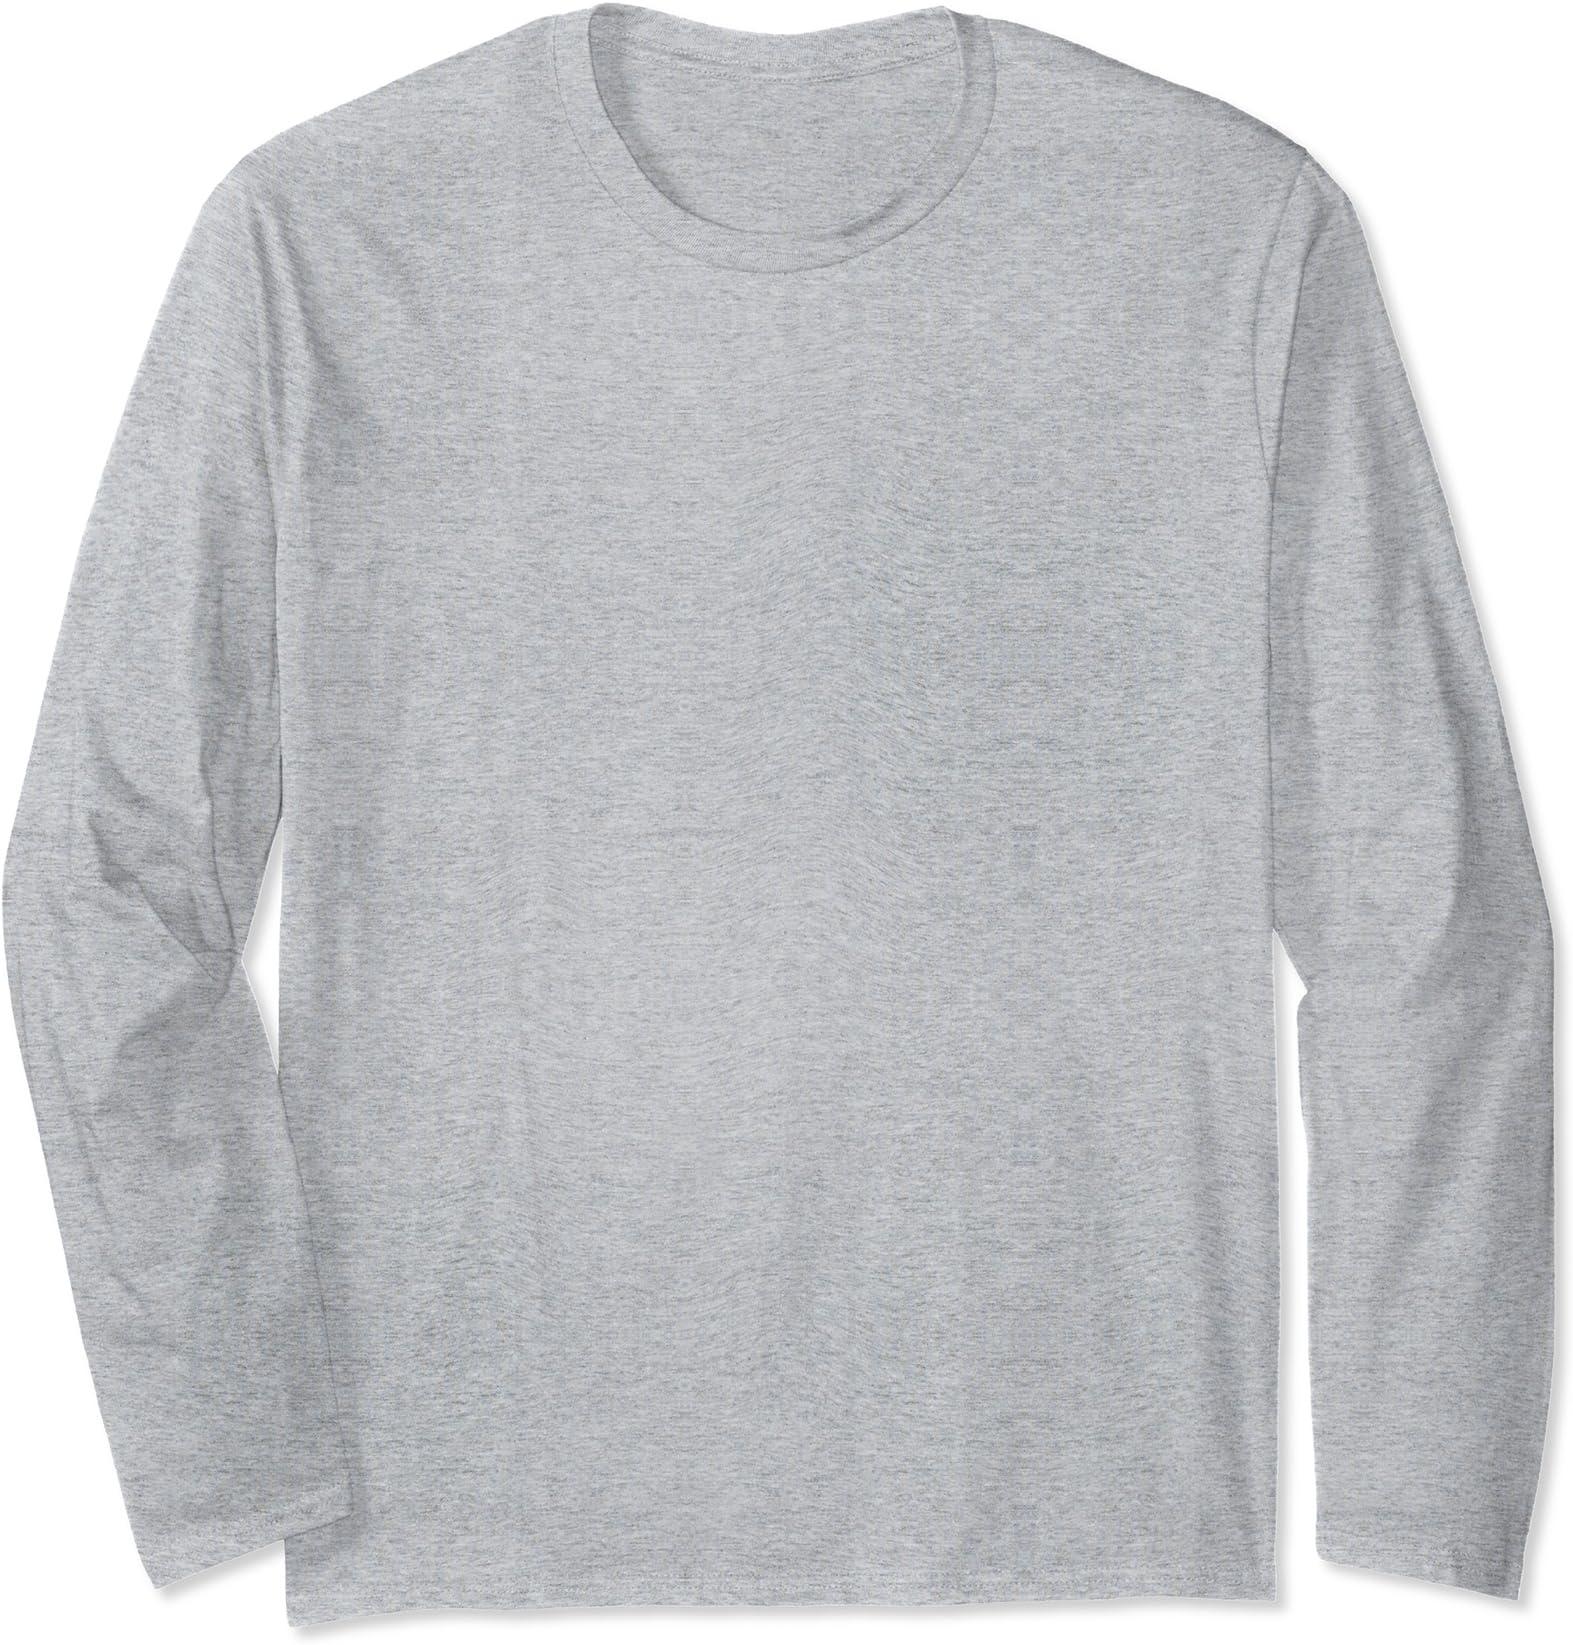 Seuriamin Thomas Rhett Life Changes Funny Mens T Shirt